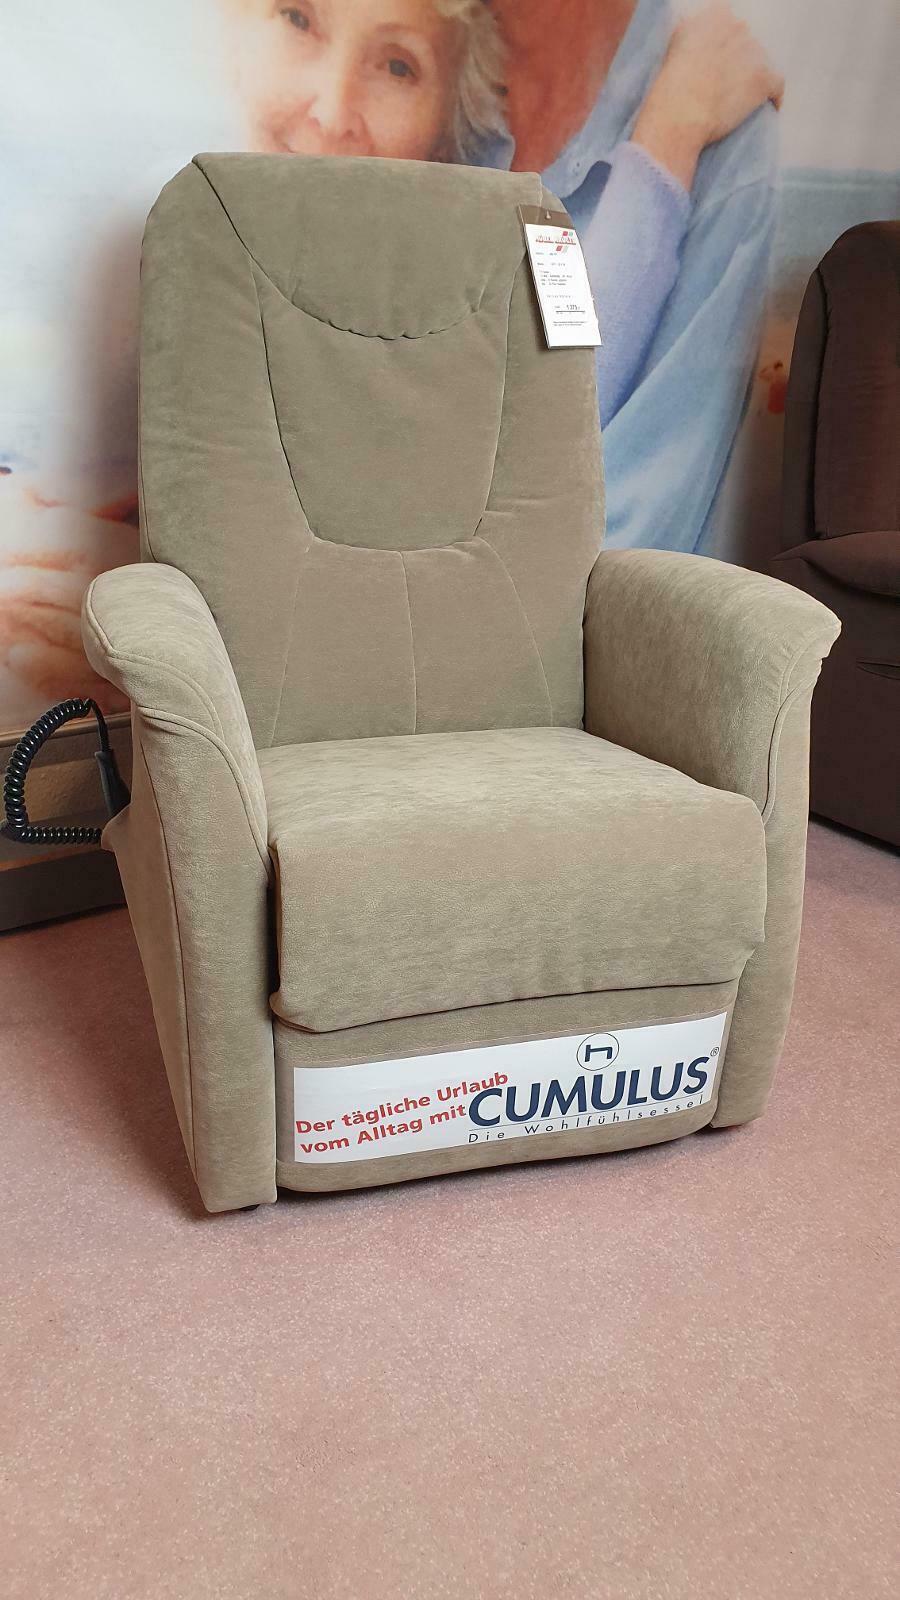 9771 - TV Sessel motorisch in Microfaser Bezug